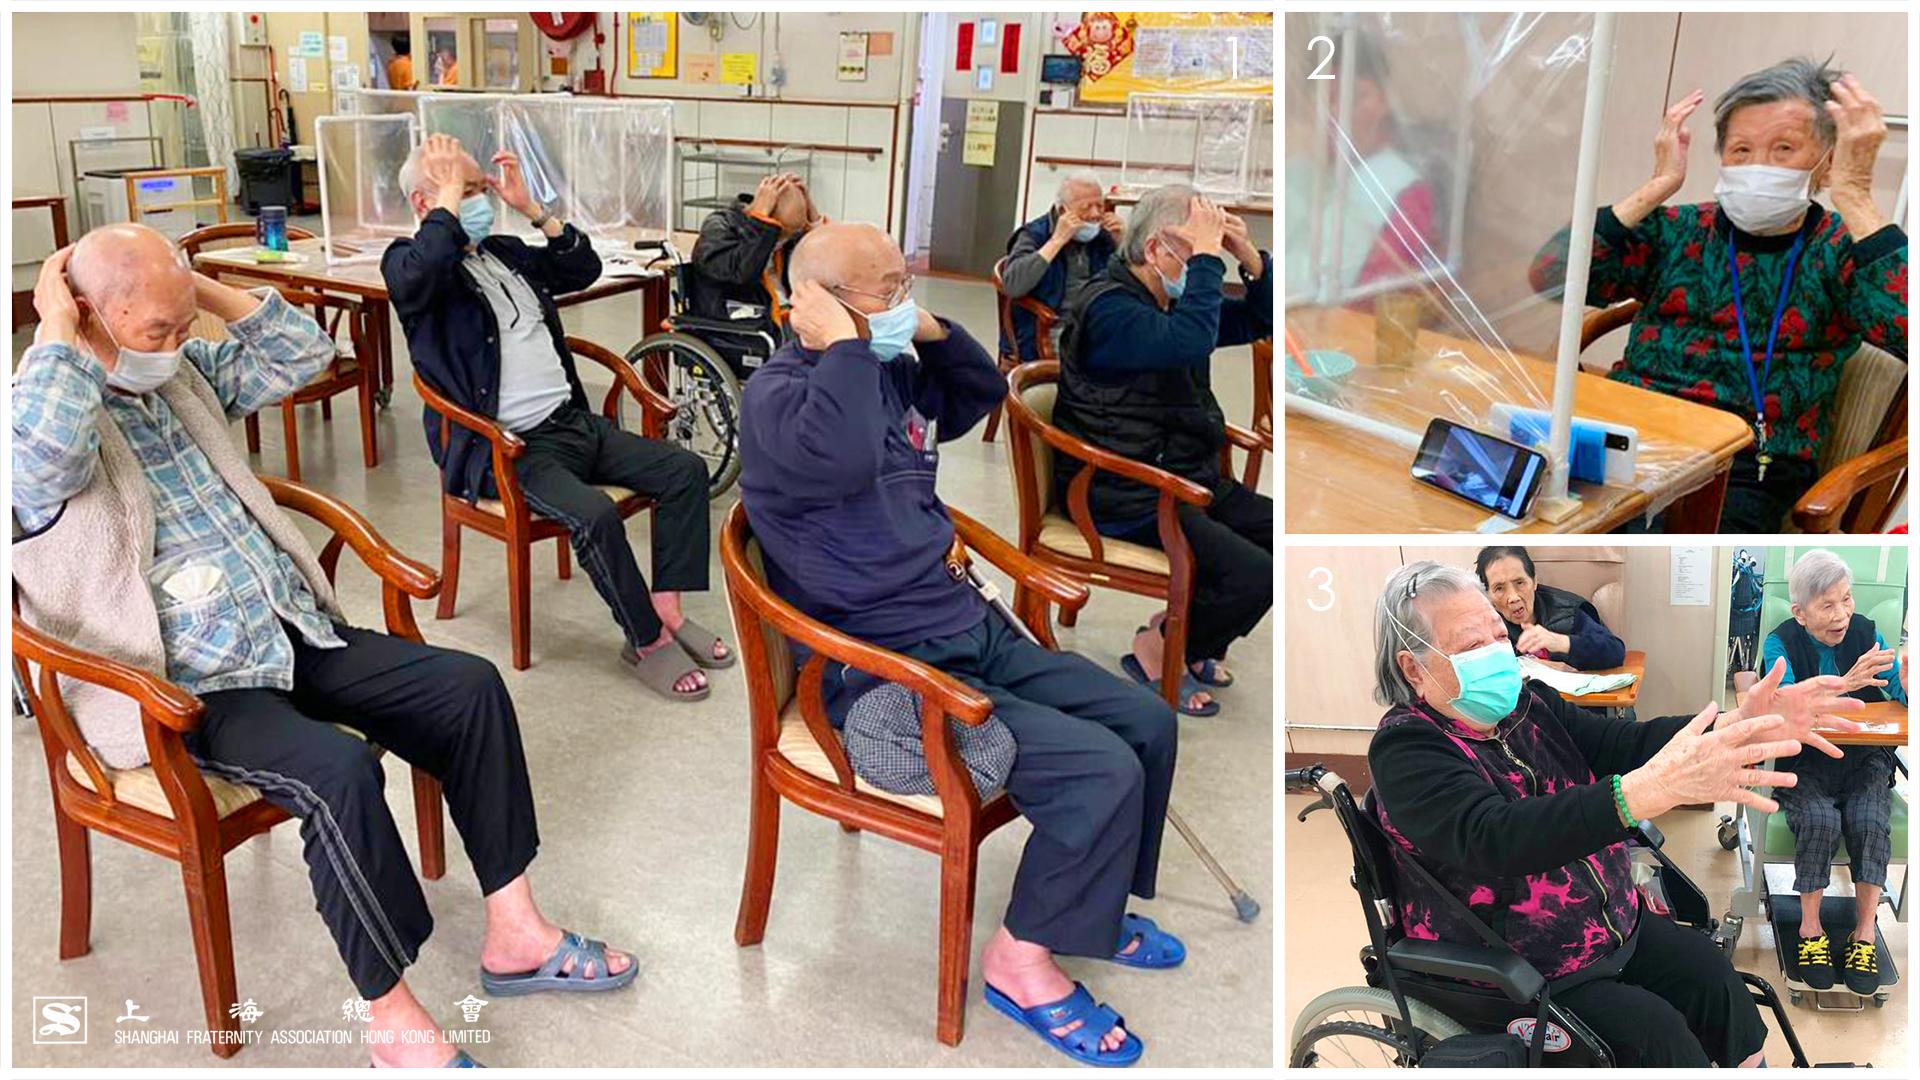 鄰舍輔導會上海總會護理安老院學習「坐式八段錦」,反應熱烈。